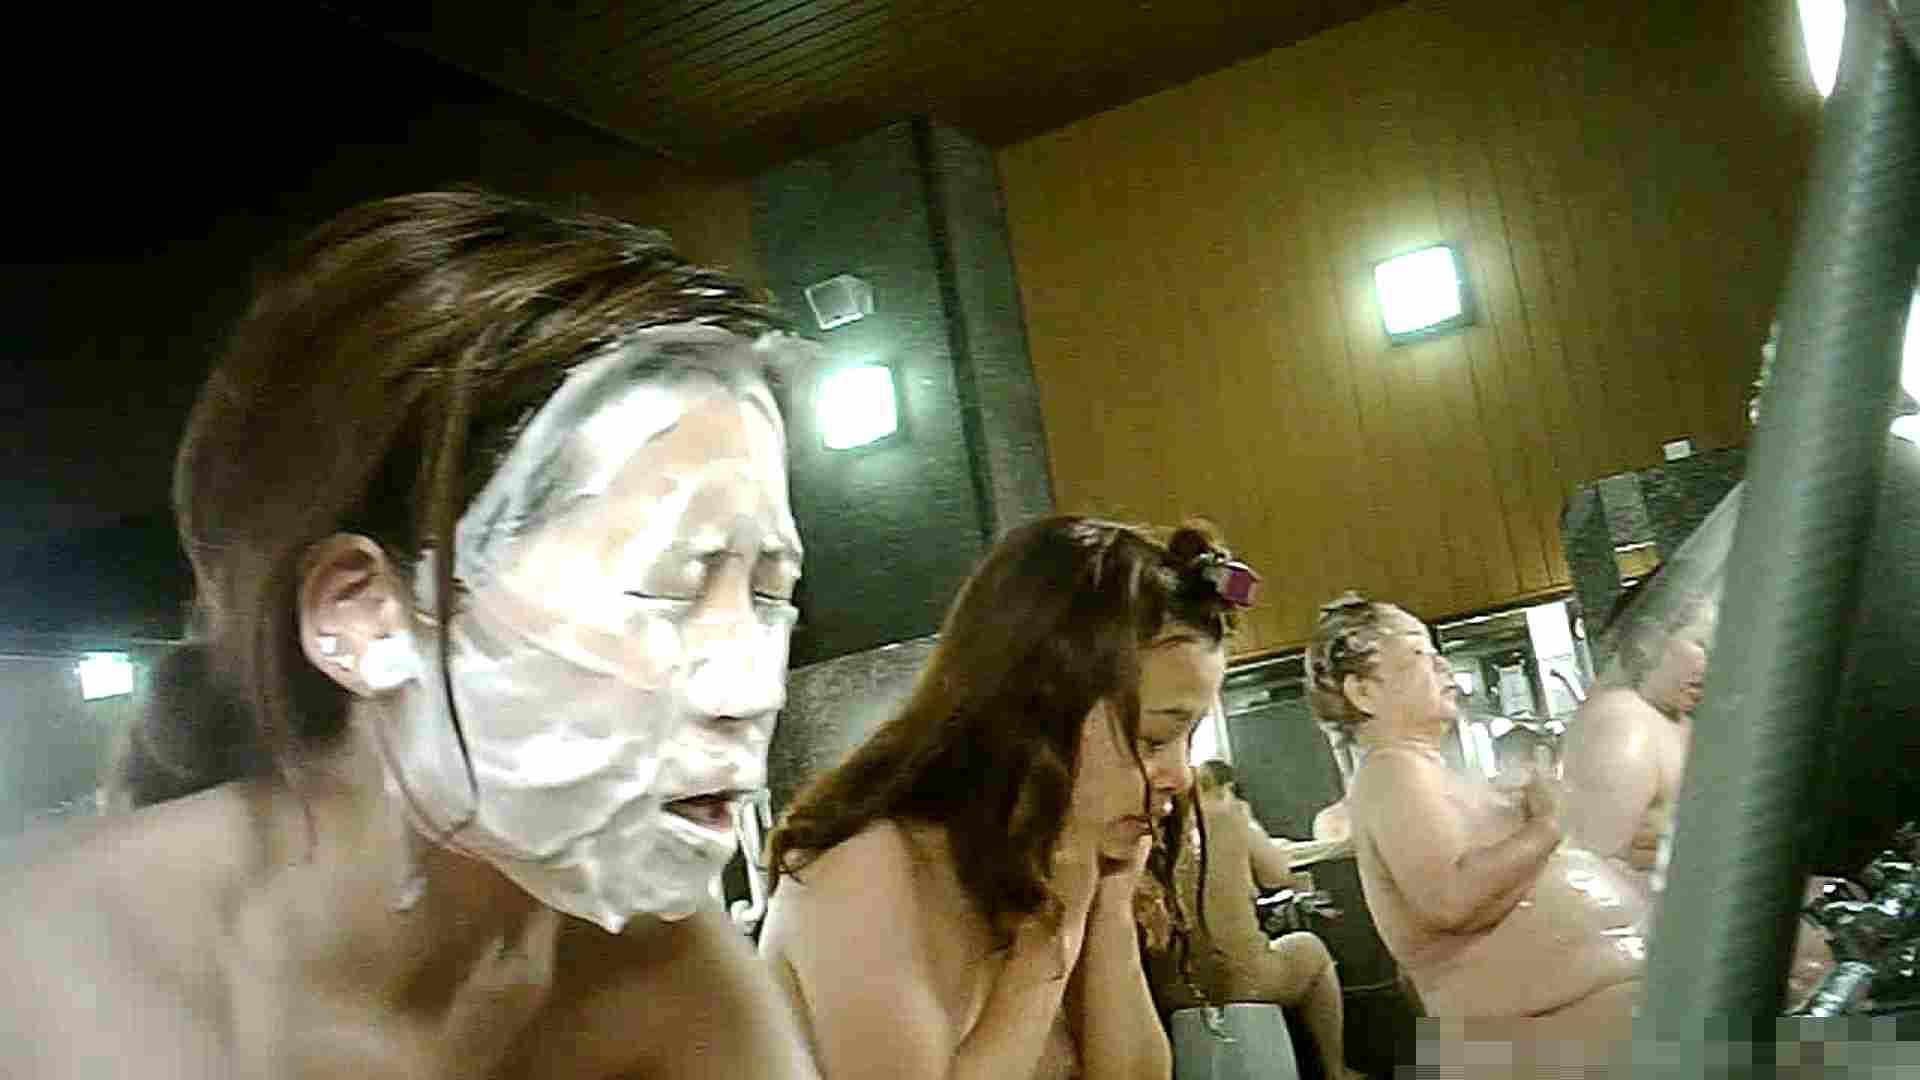 無料アダルト動画:Vol.34 洗い場!泡だて談義に花咲く仲良しOL:怪盗ジョーカー